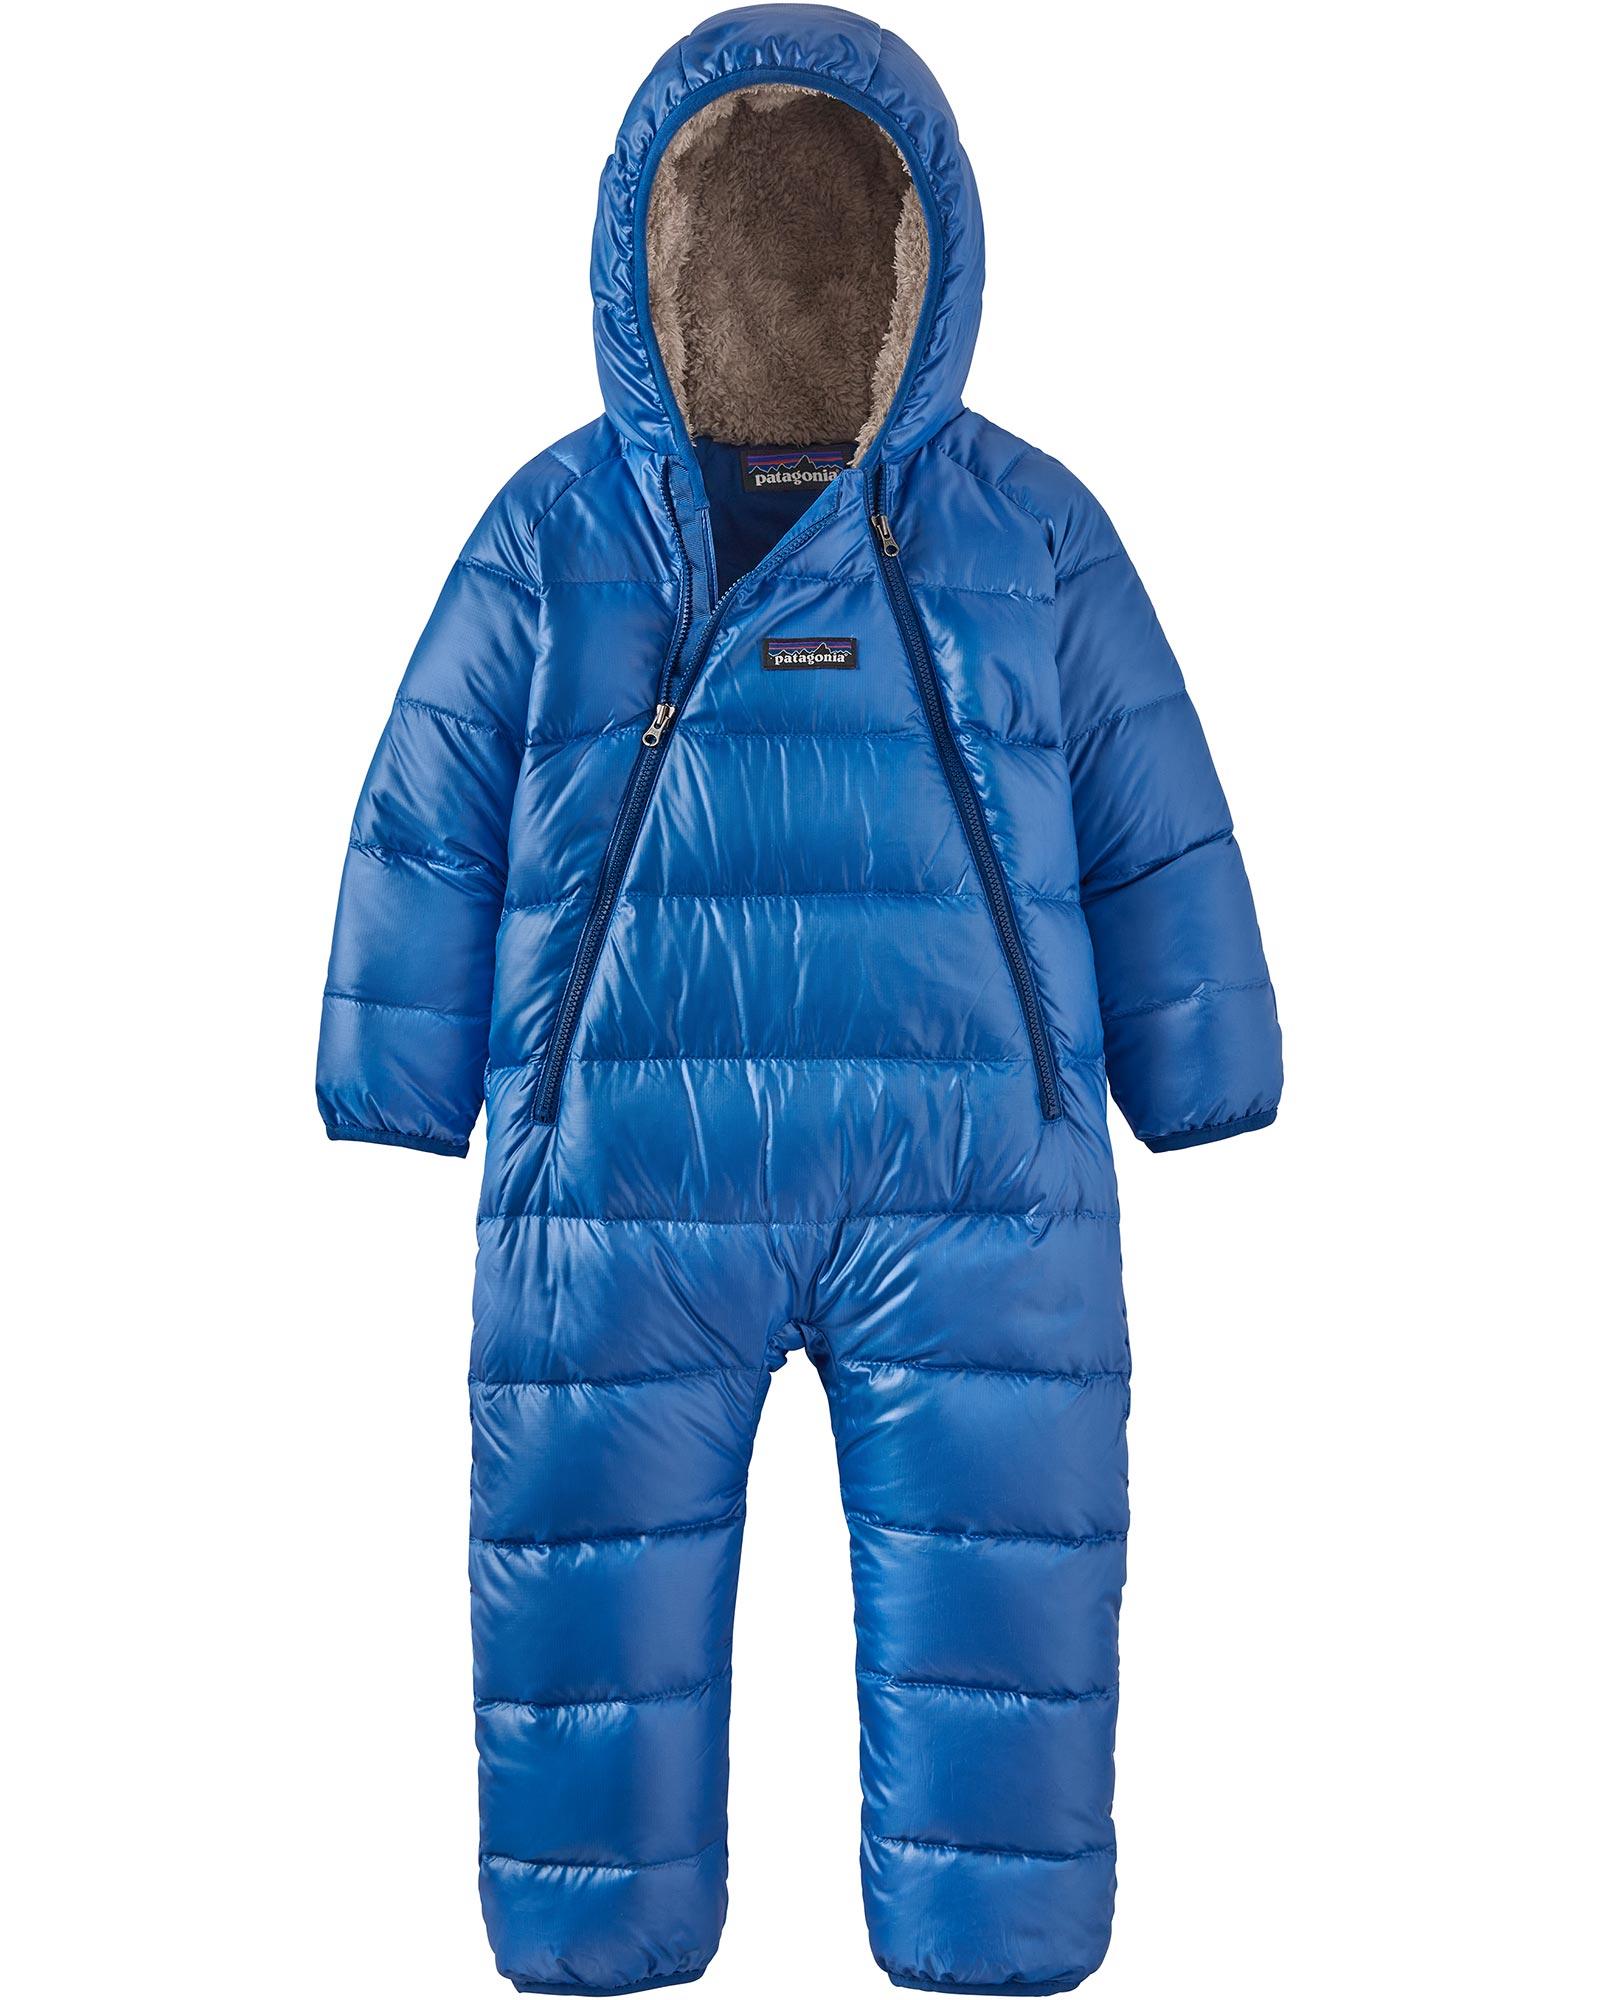 Patagonia Infant Hi-Loft Down Sweater Bunting 0